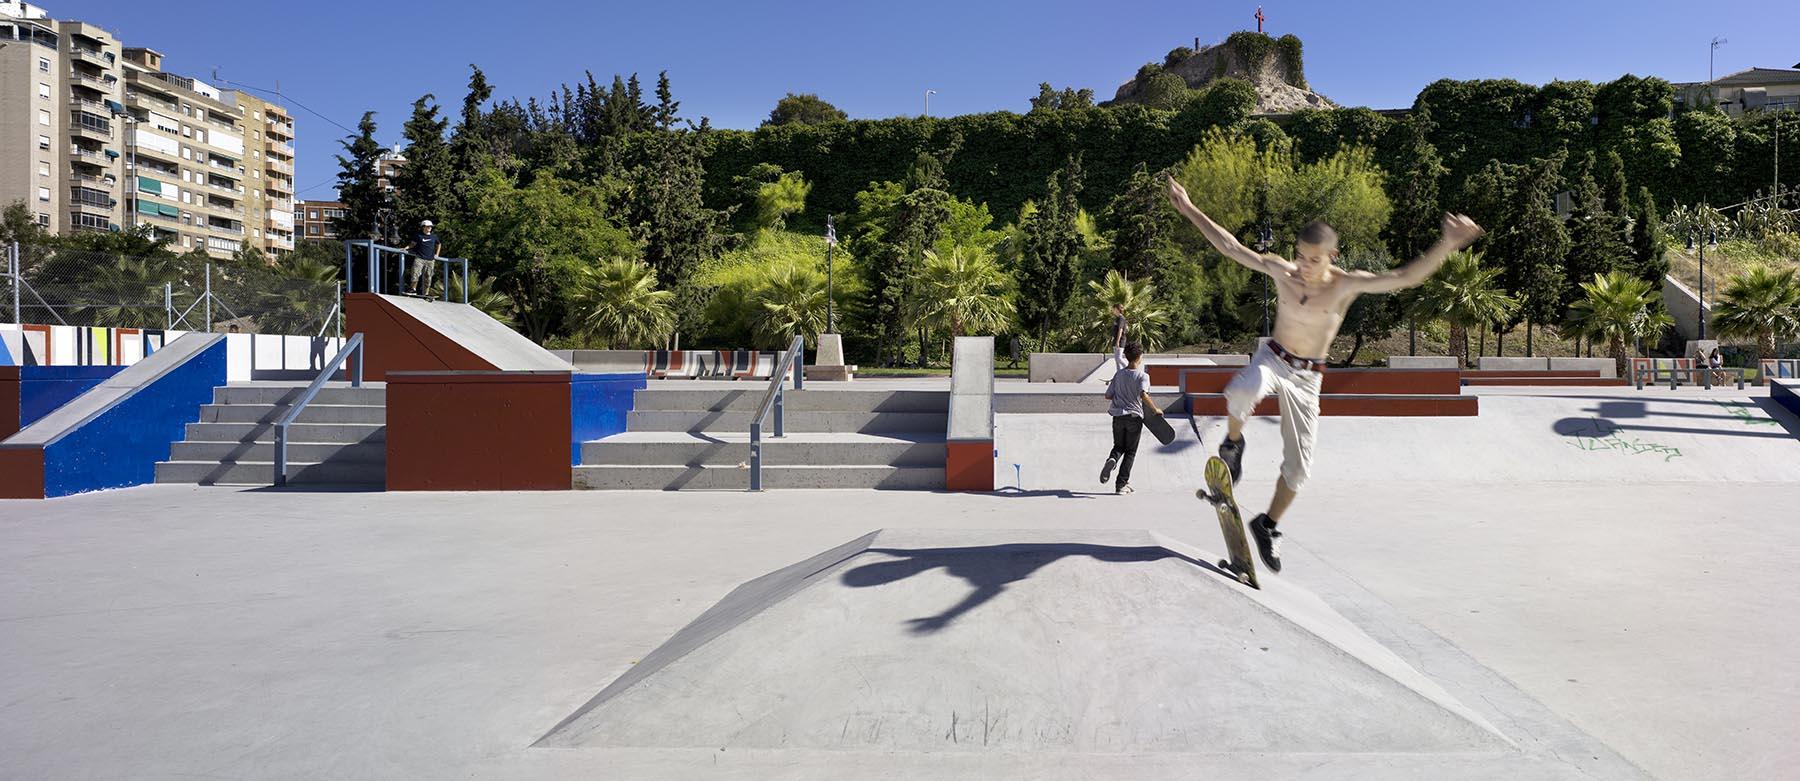 Skate Park y Parque Deportivo. Cartagena.